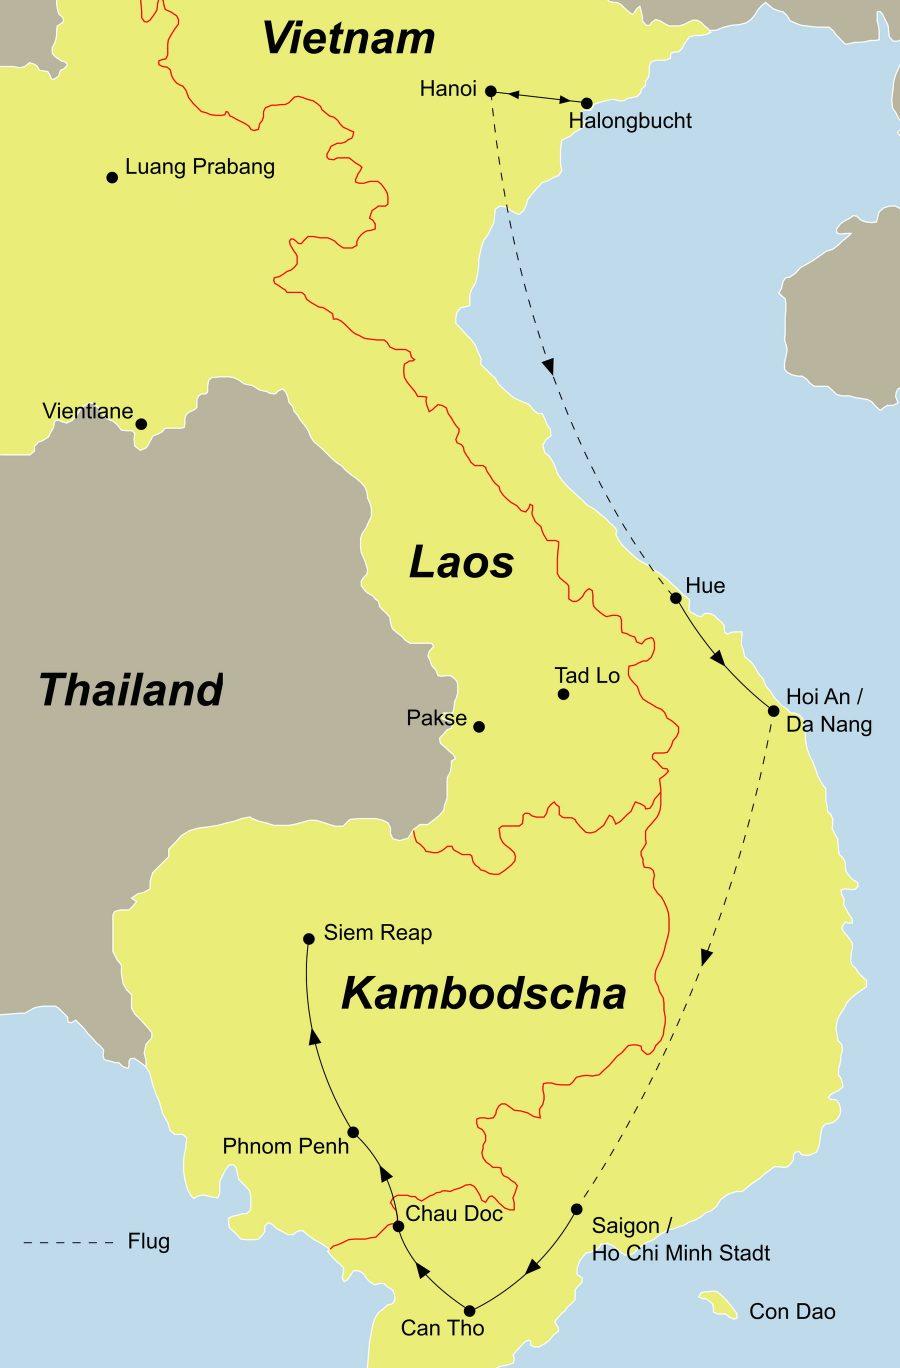 Die Reise Indochina erleben führt Sie von Hanoi über die Halong Bucht nach Hoi An, weiter geht es nach Saigon und weiter nach Kambodscha.